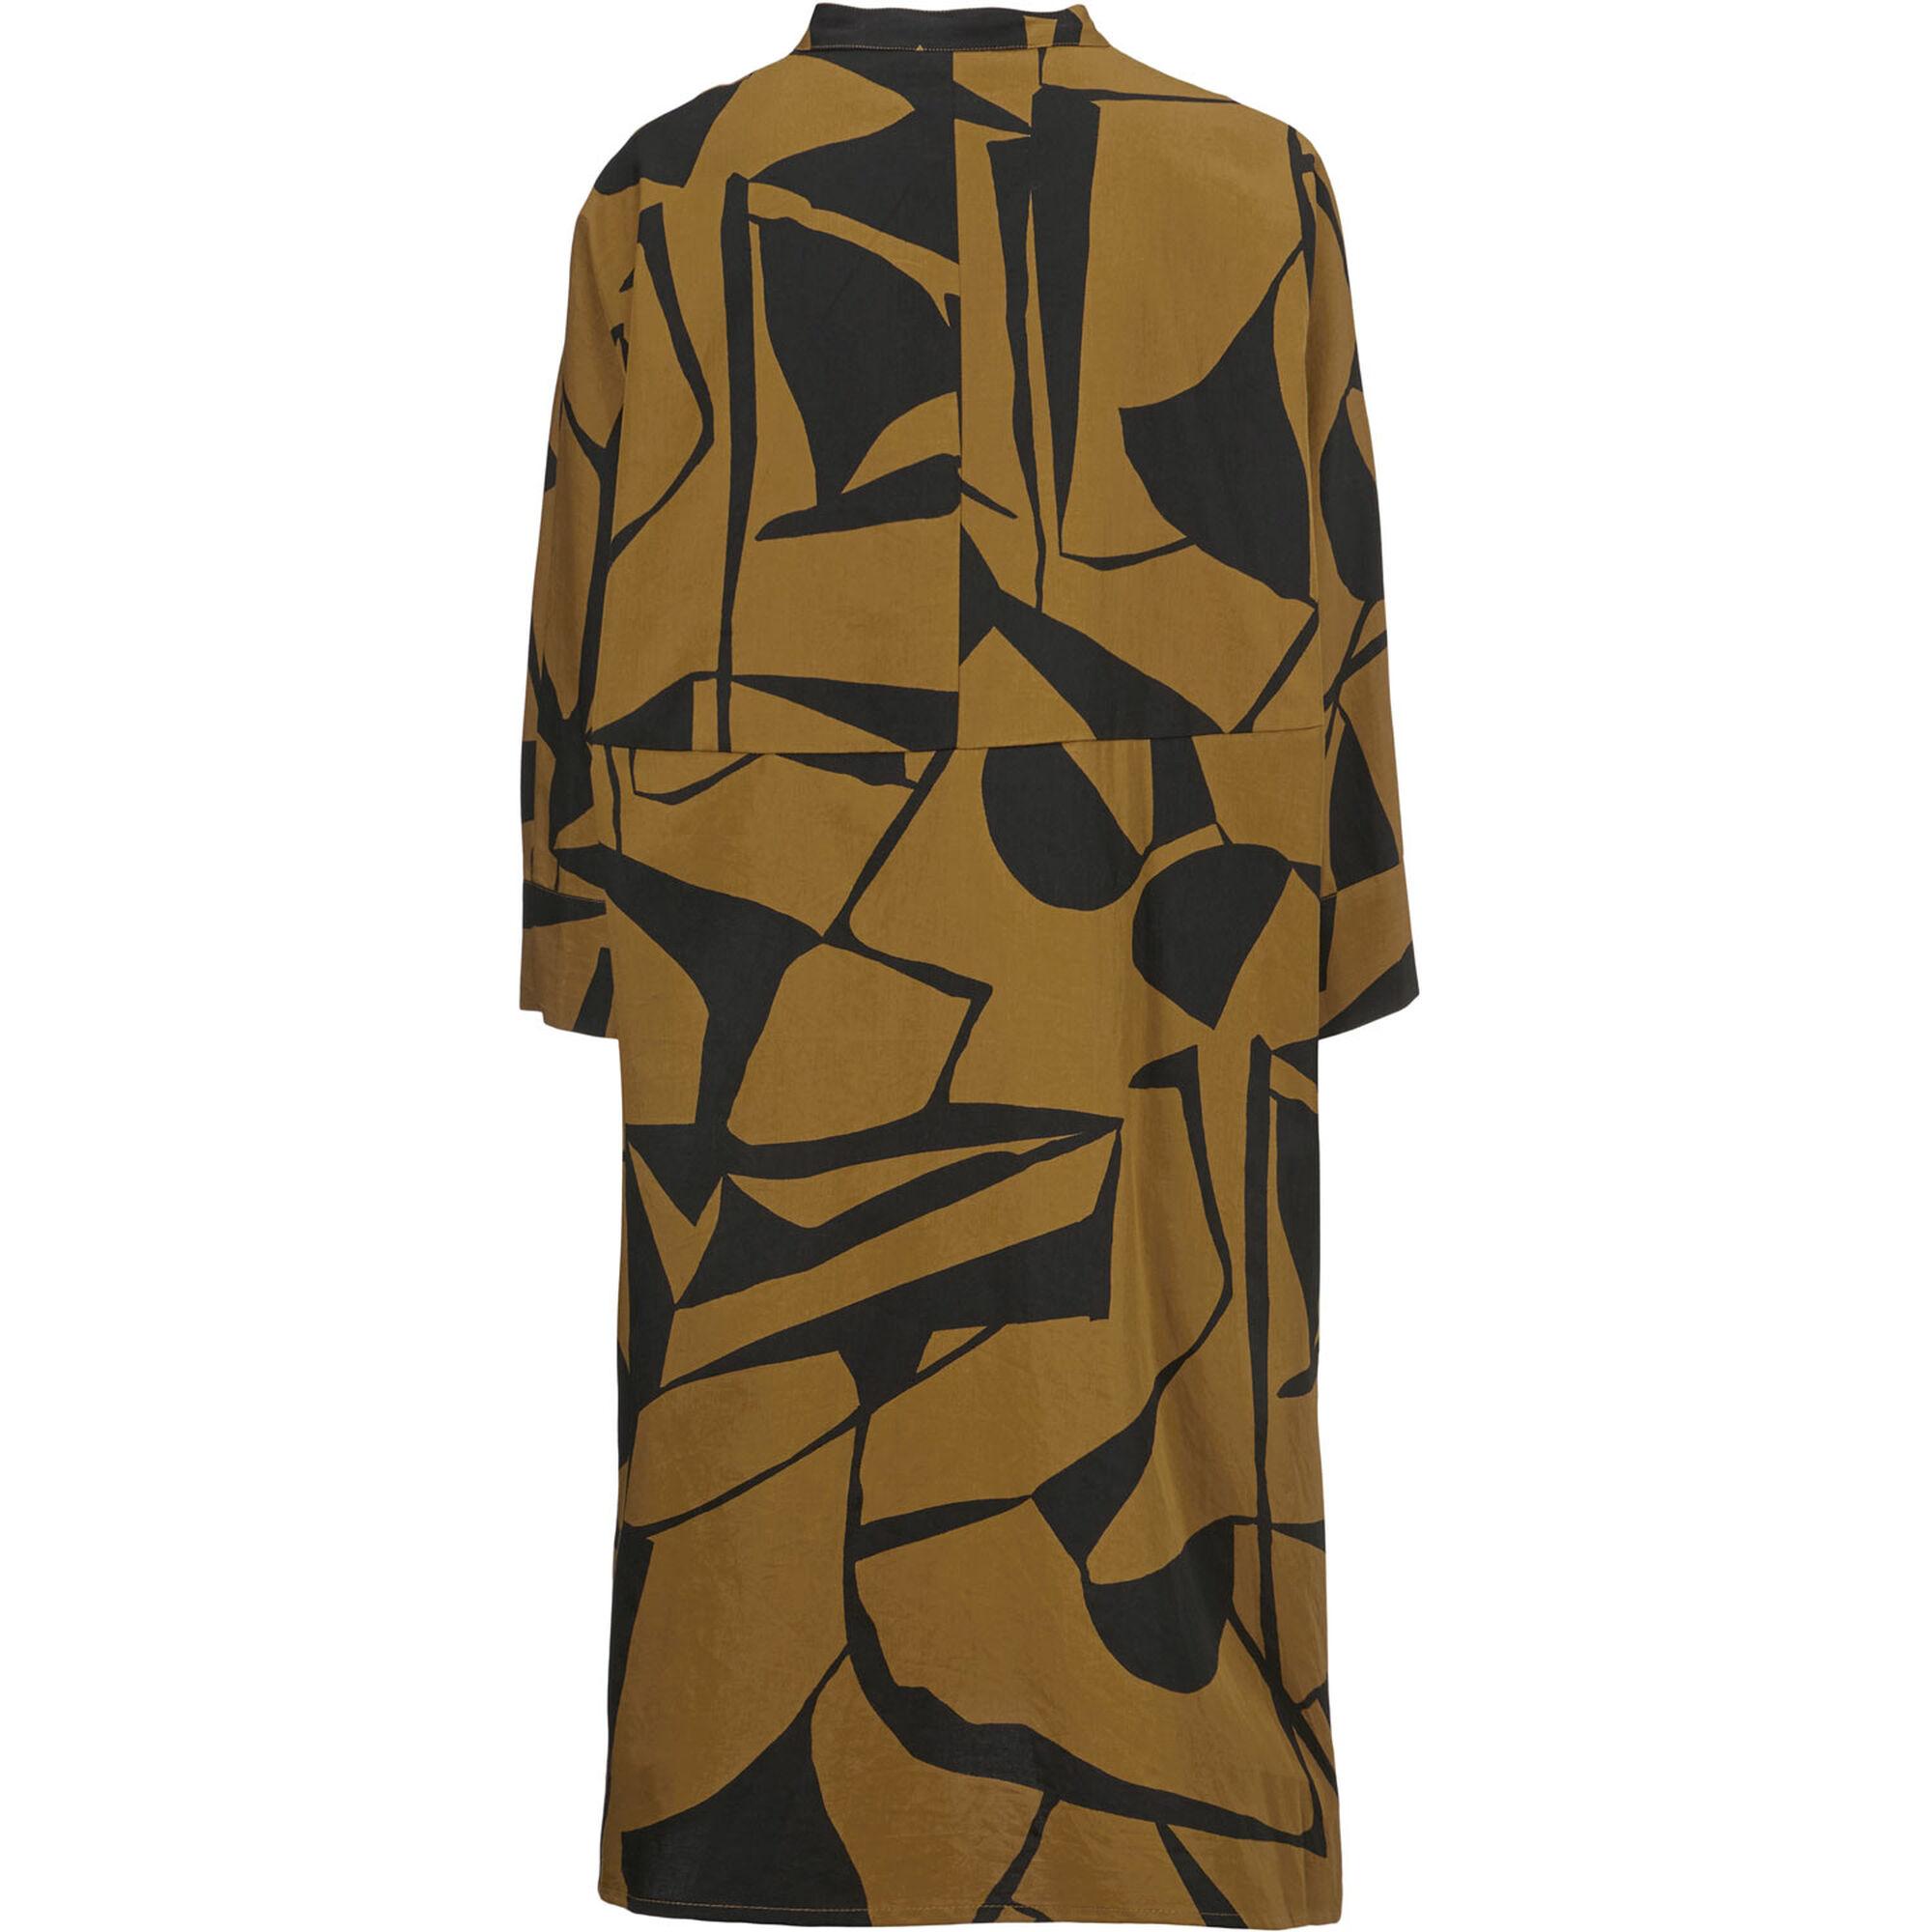 IOSETTA  SHIRT DRESS, Tapenade, hi-res